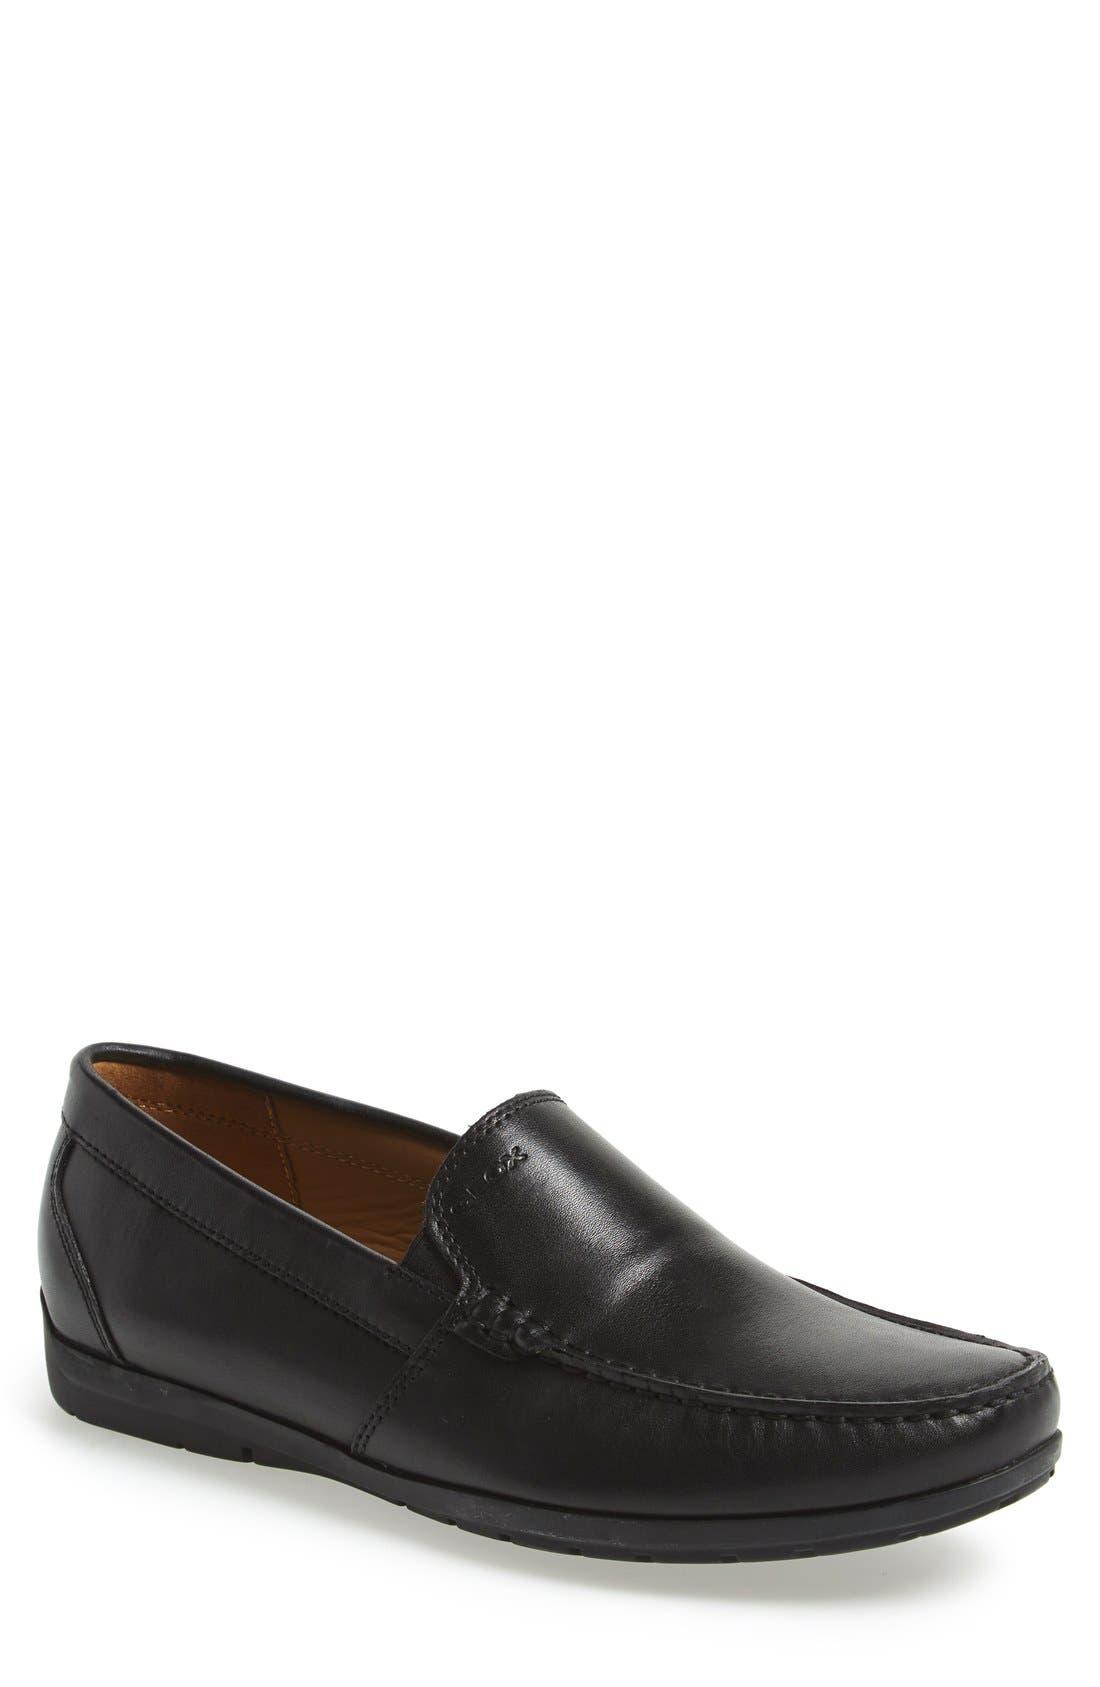 GEOX 'Simon W2' Venetian Loafer